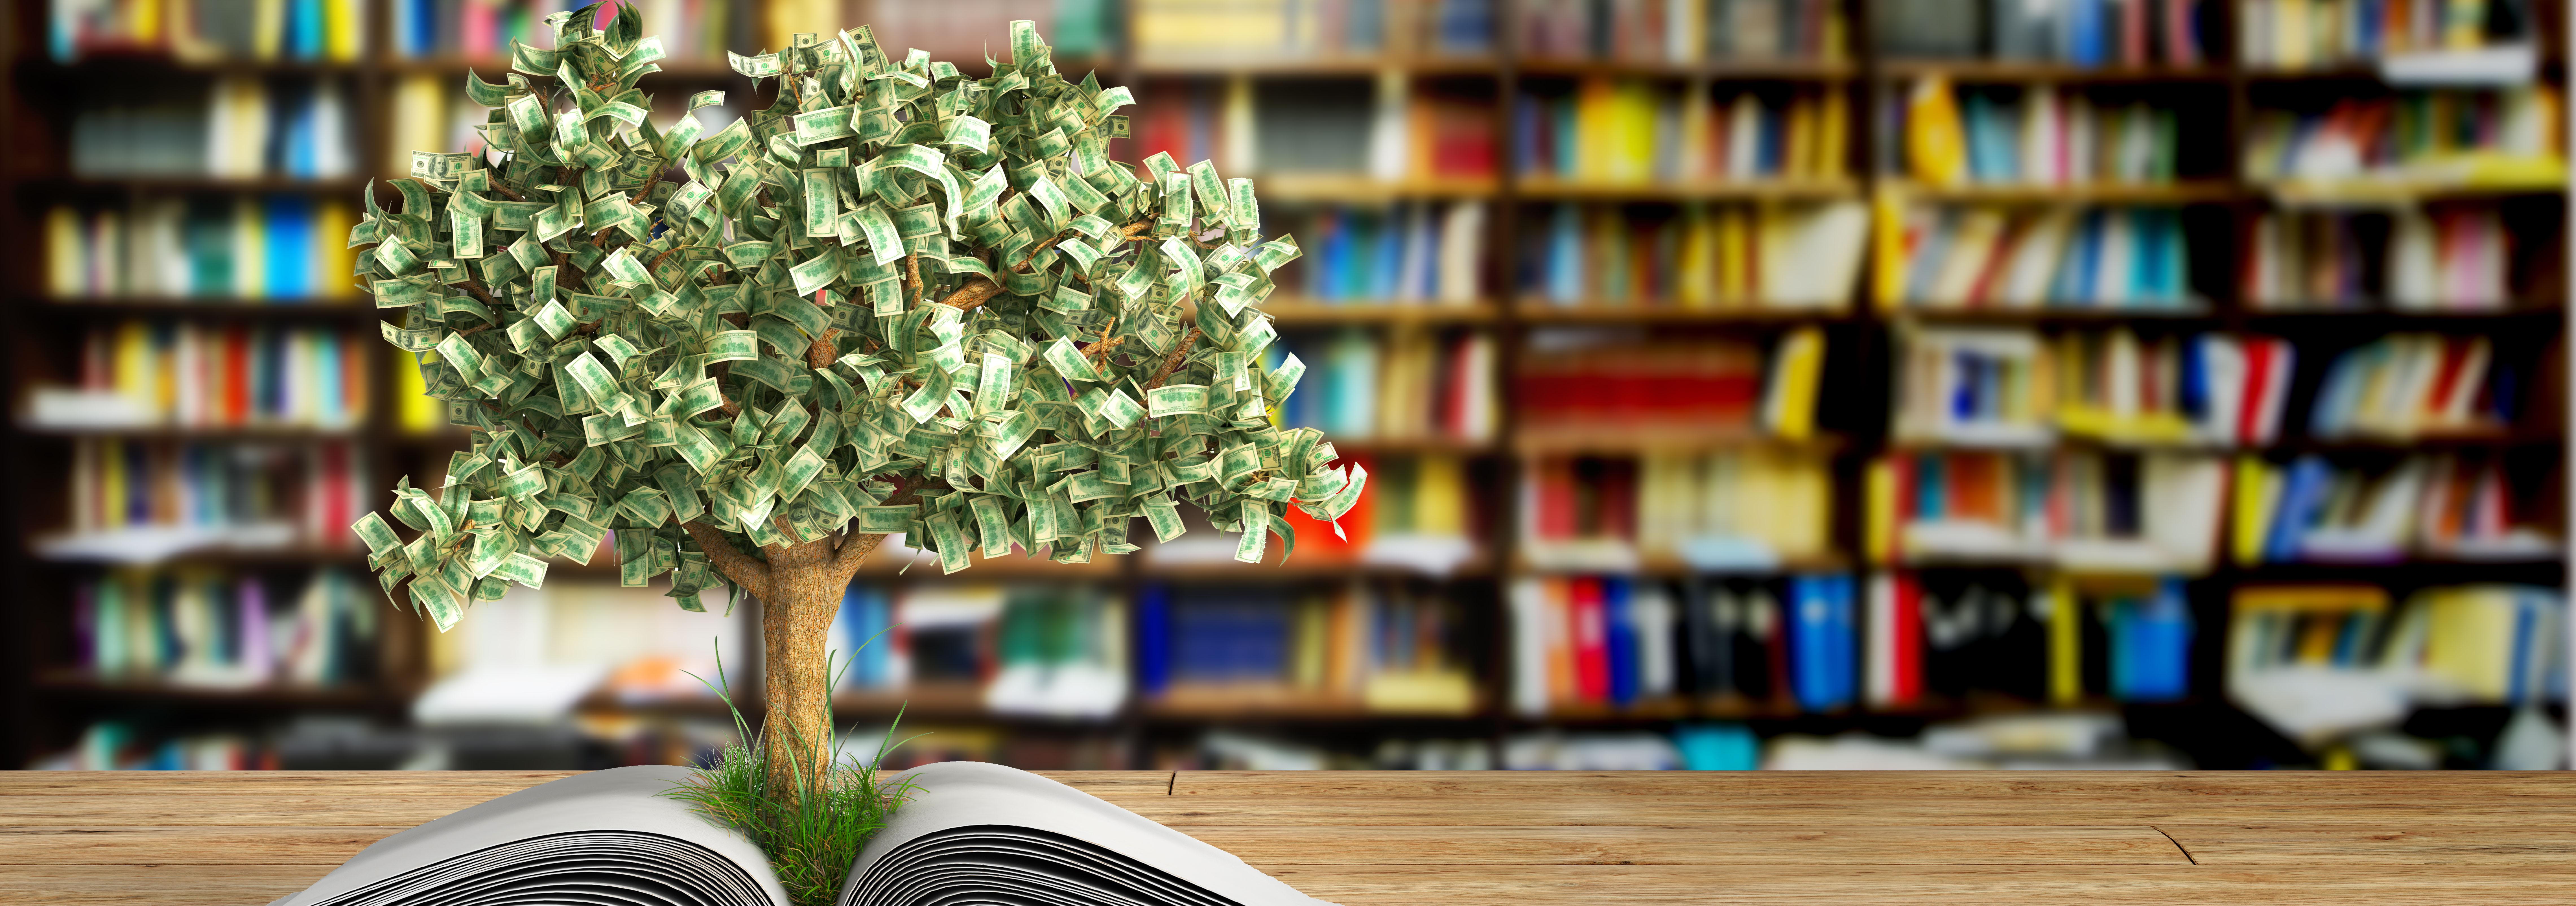 Un arbre avec de l'argent qui pousse d'un livre